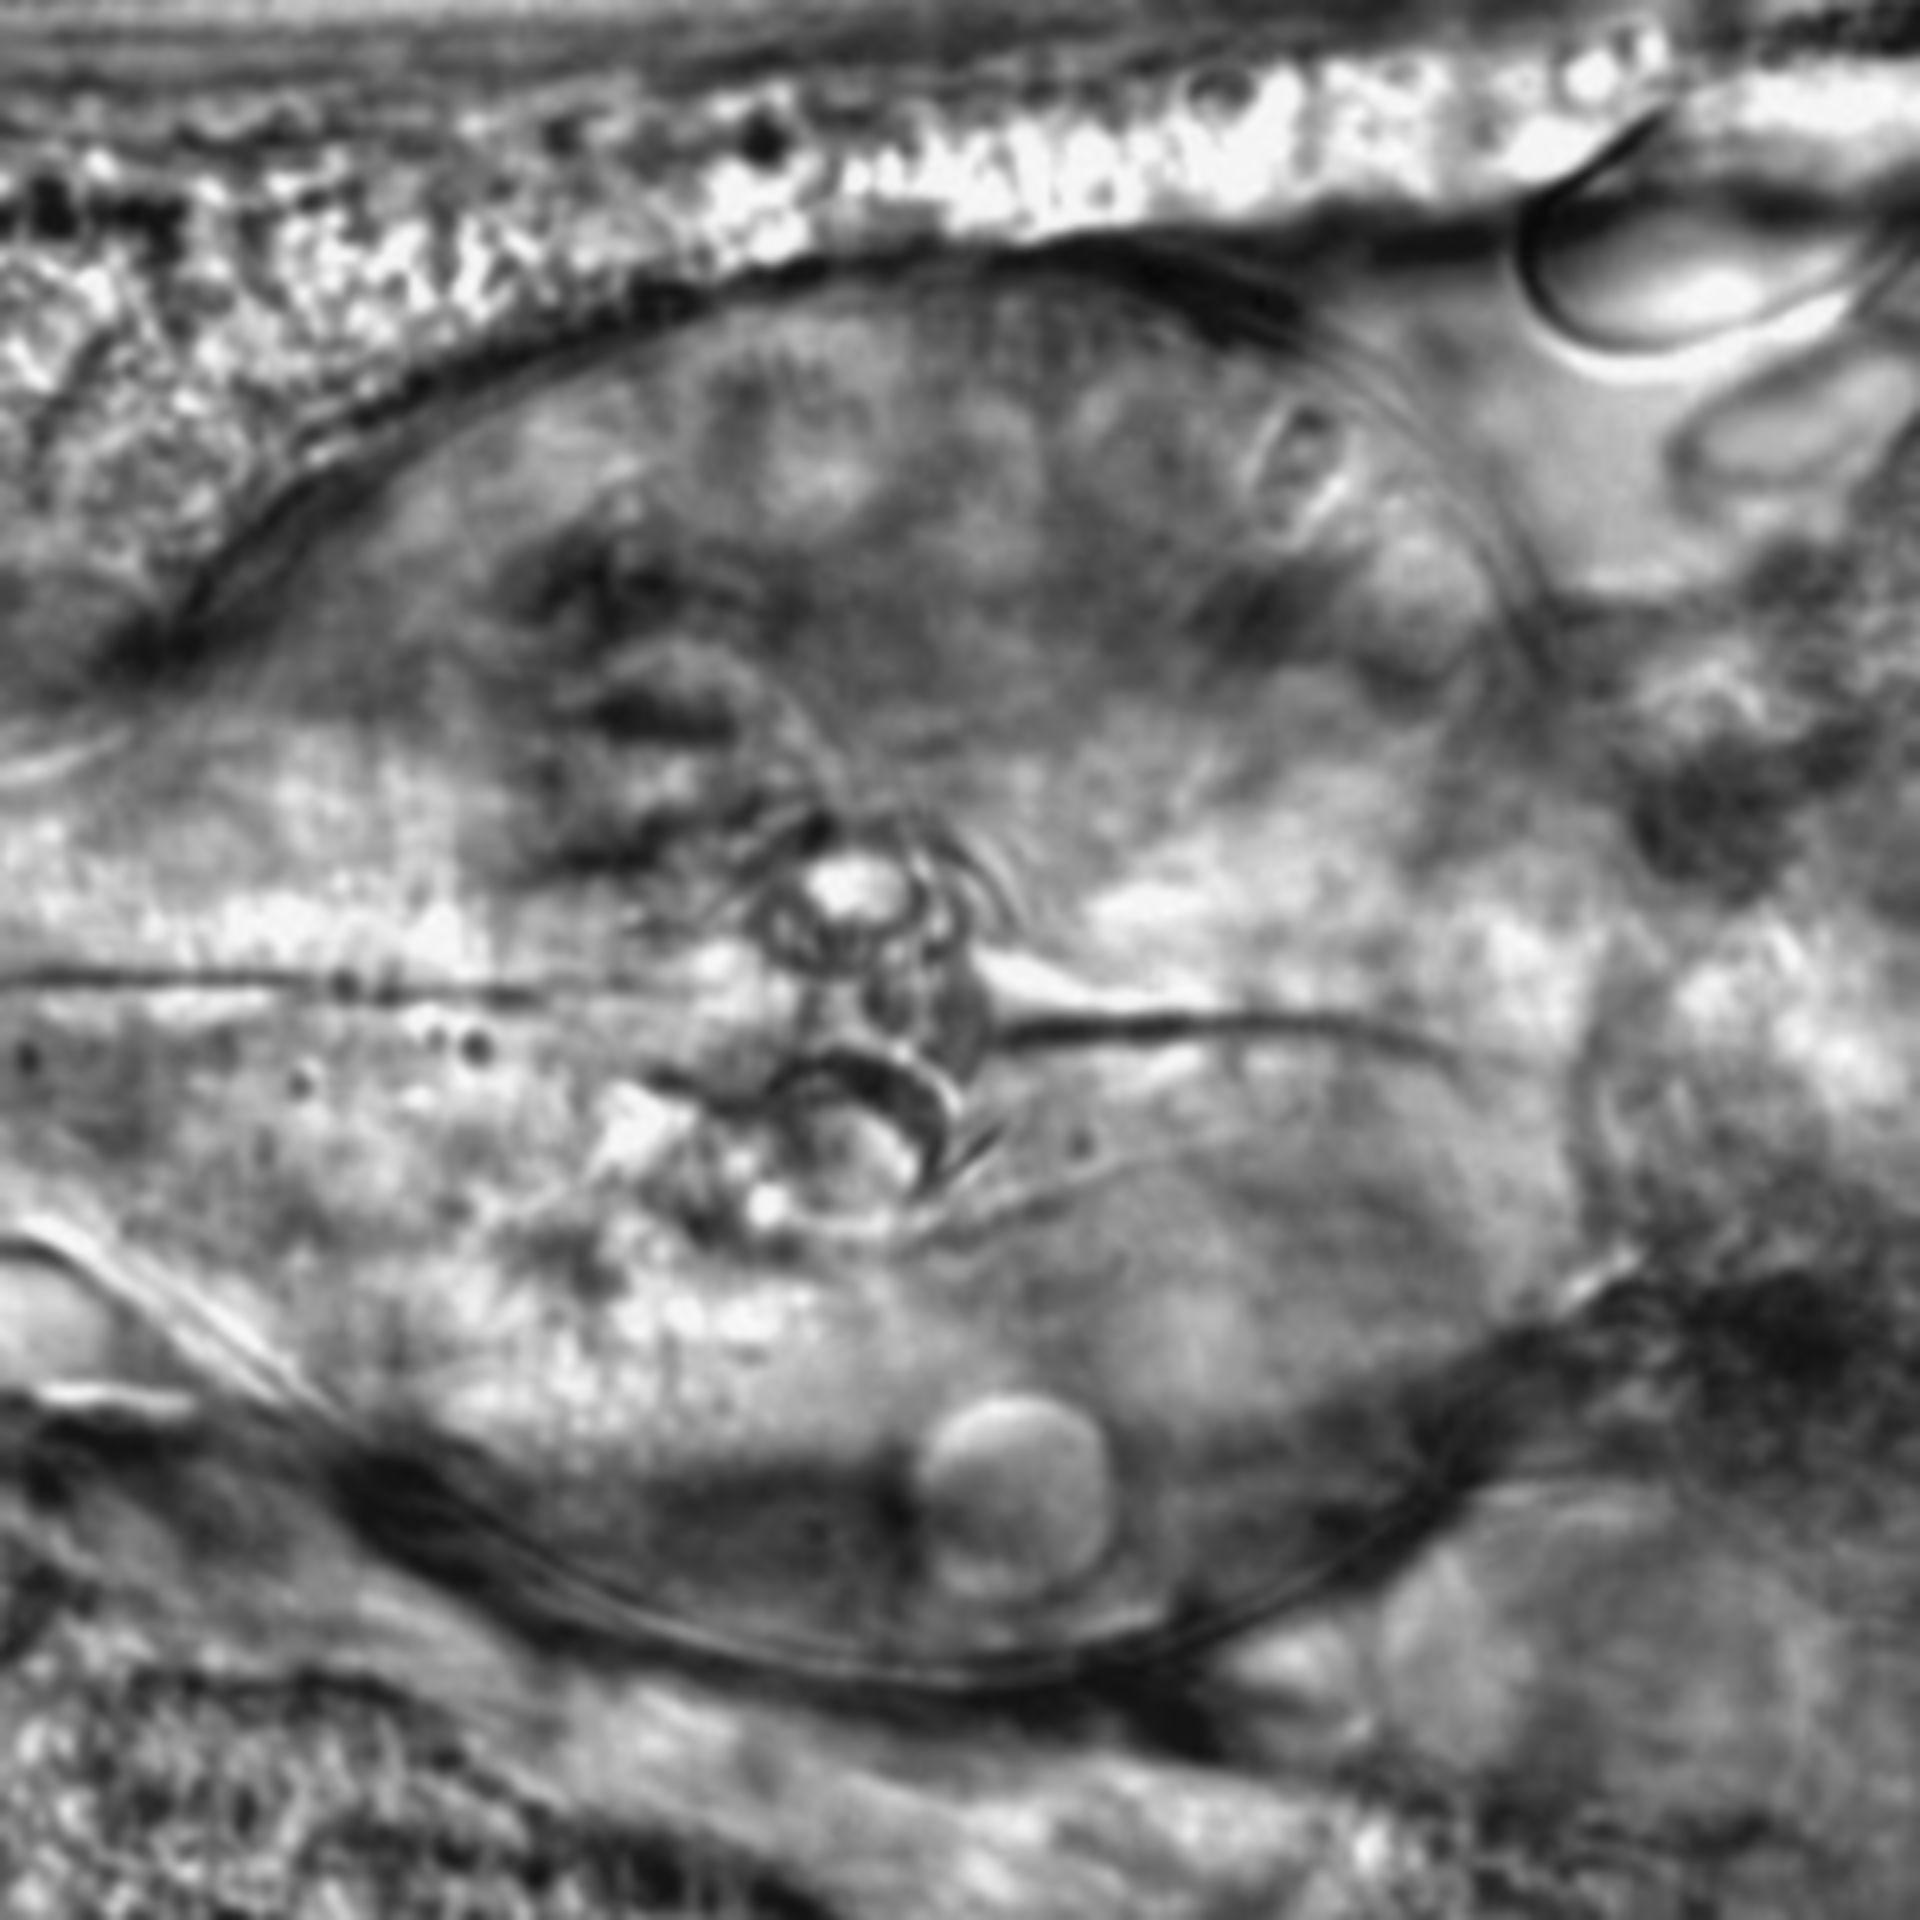 Caenorhabditis elegans - CIL:2233